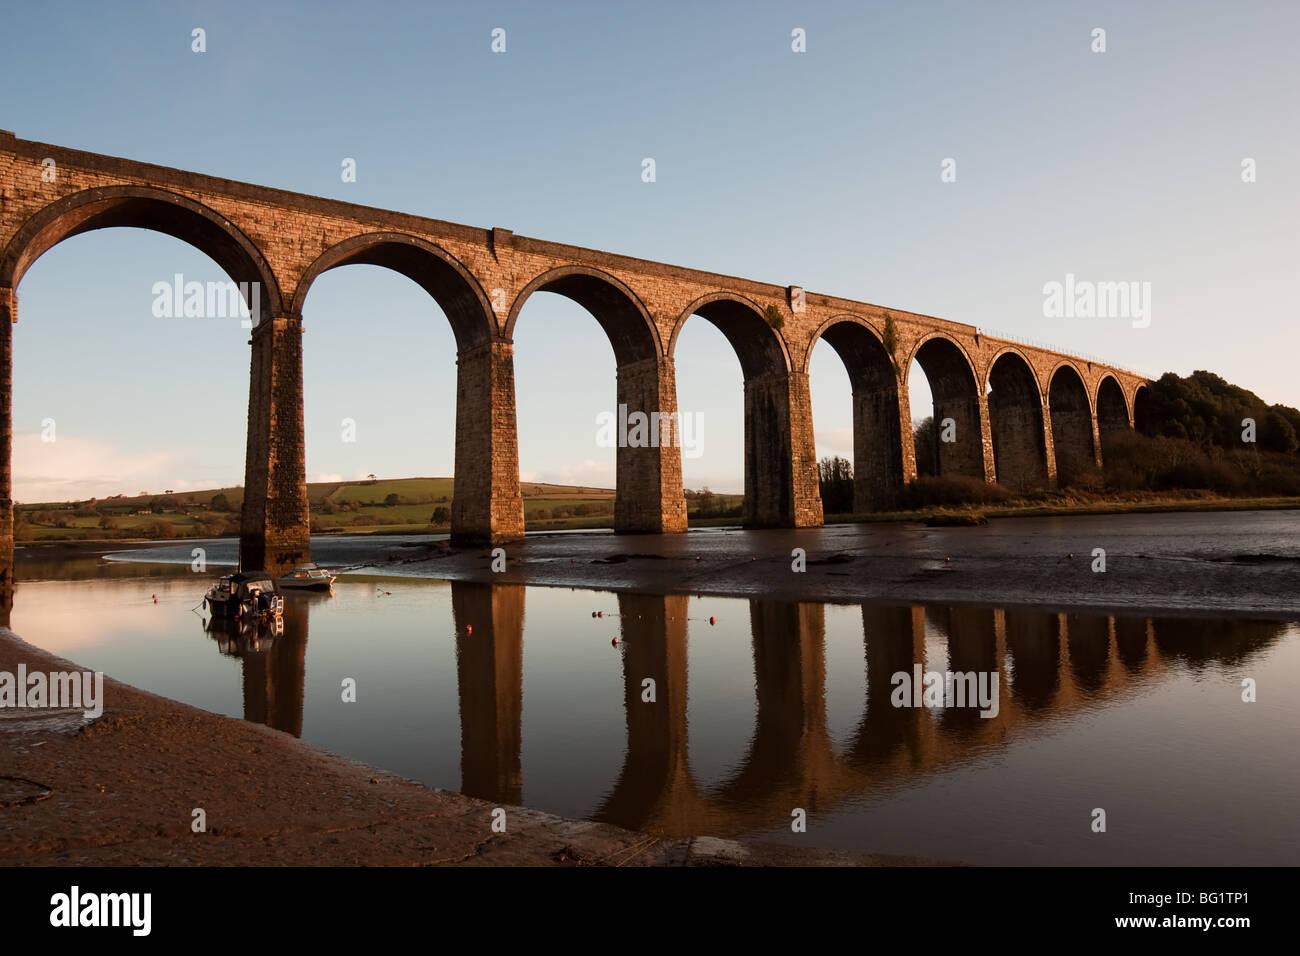 Das Viadukt bei St. Deutschen in Cornwall, trägt die wichtigsten Eisenbahnstrecke in und aus Cornwall. Stockbild